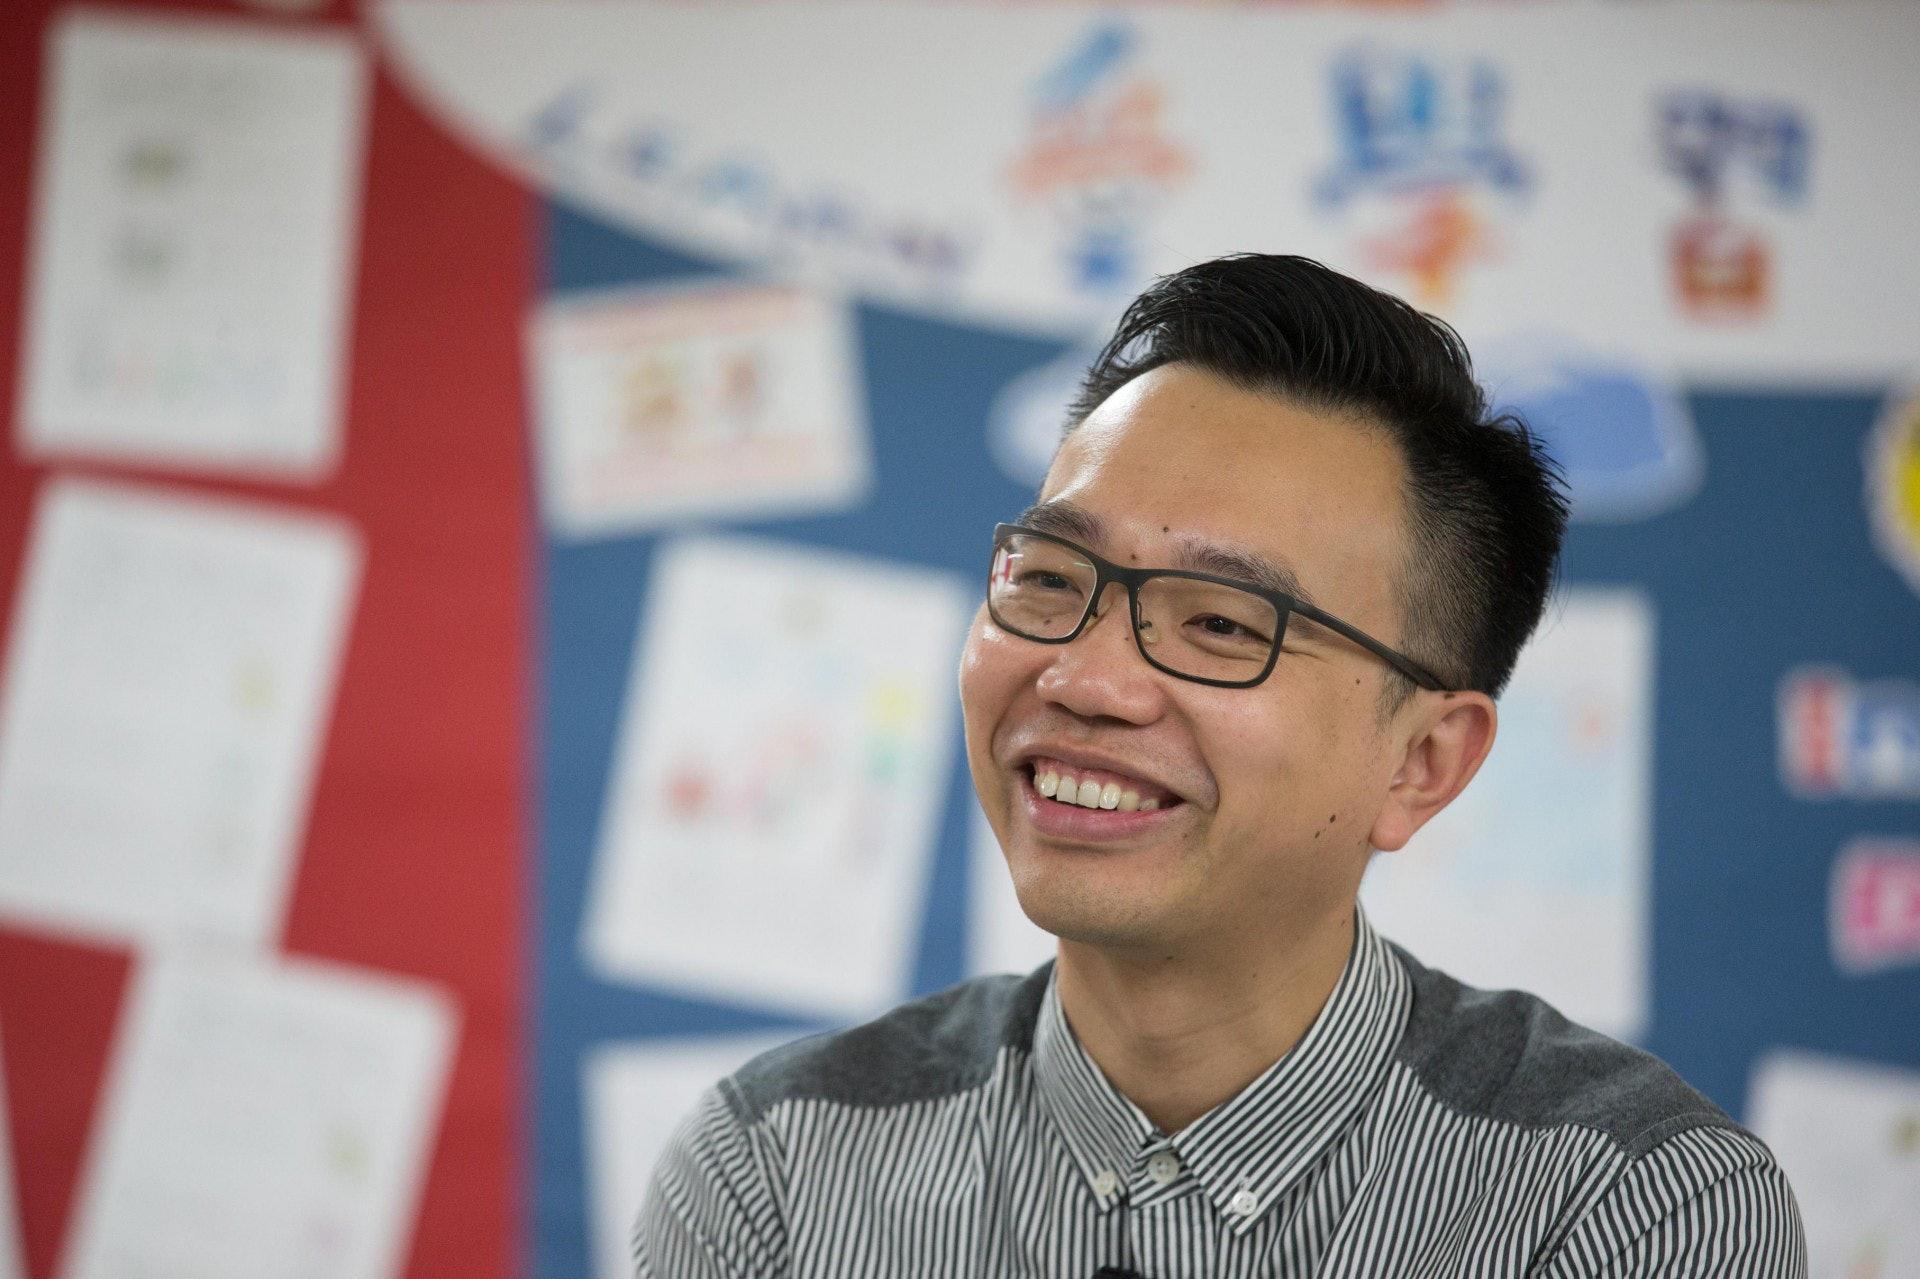 浸信會天虹小學校長朱子穎,任期將於8月31日正式完結,他期望跳出框框,轉換跑道,為其他學生服務。(梁鵬威攝)